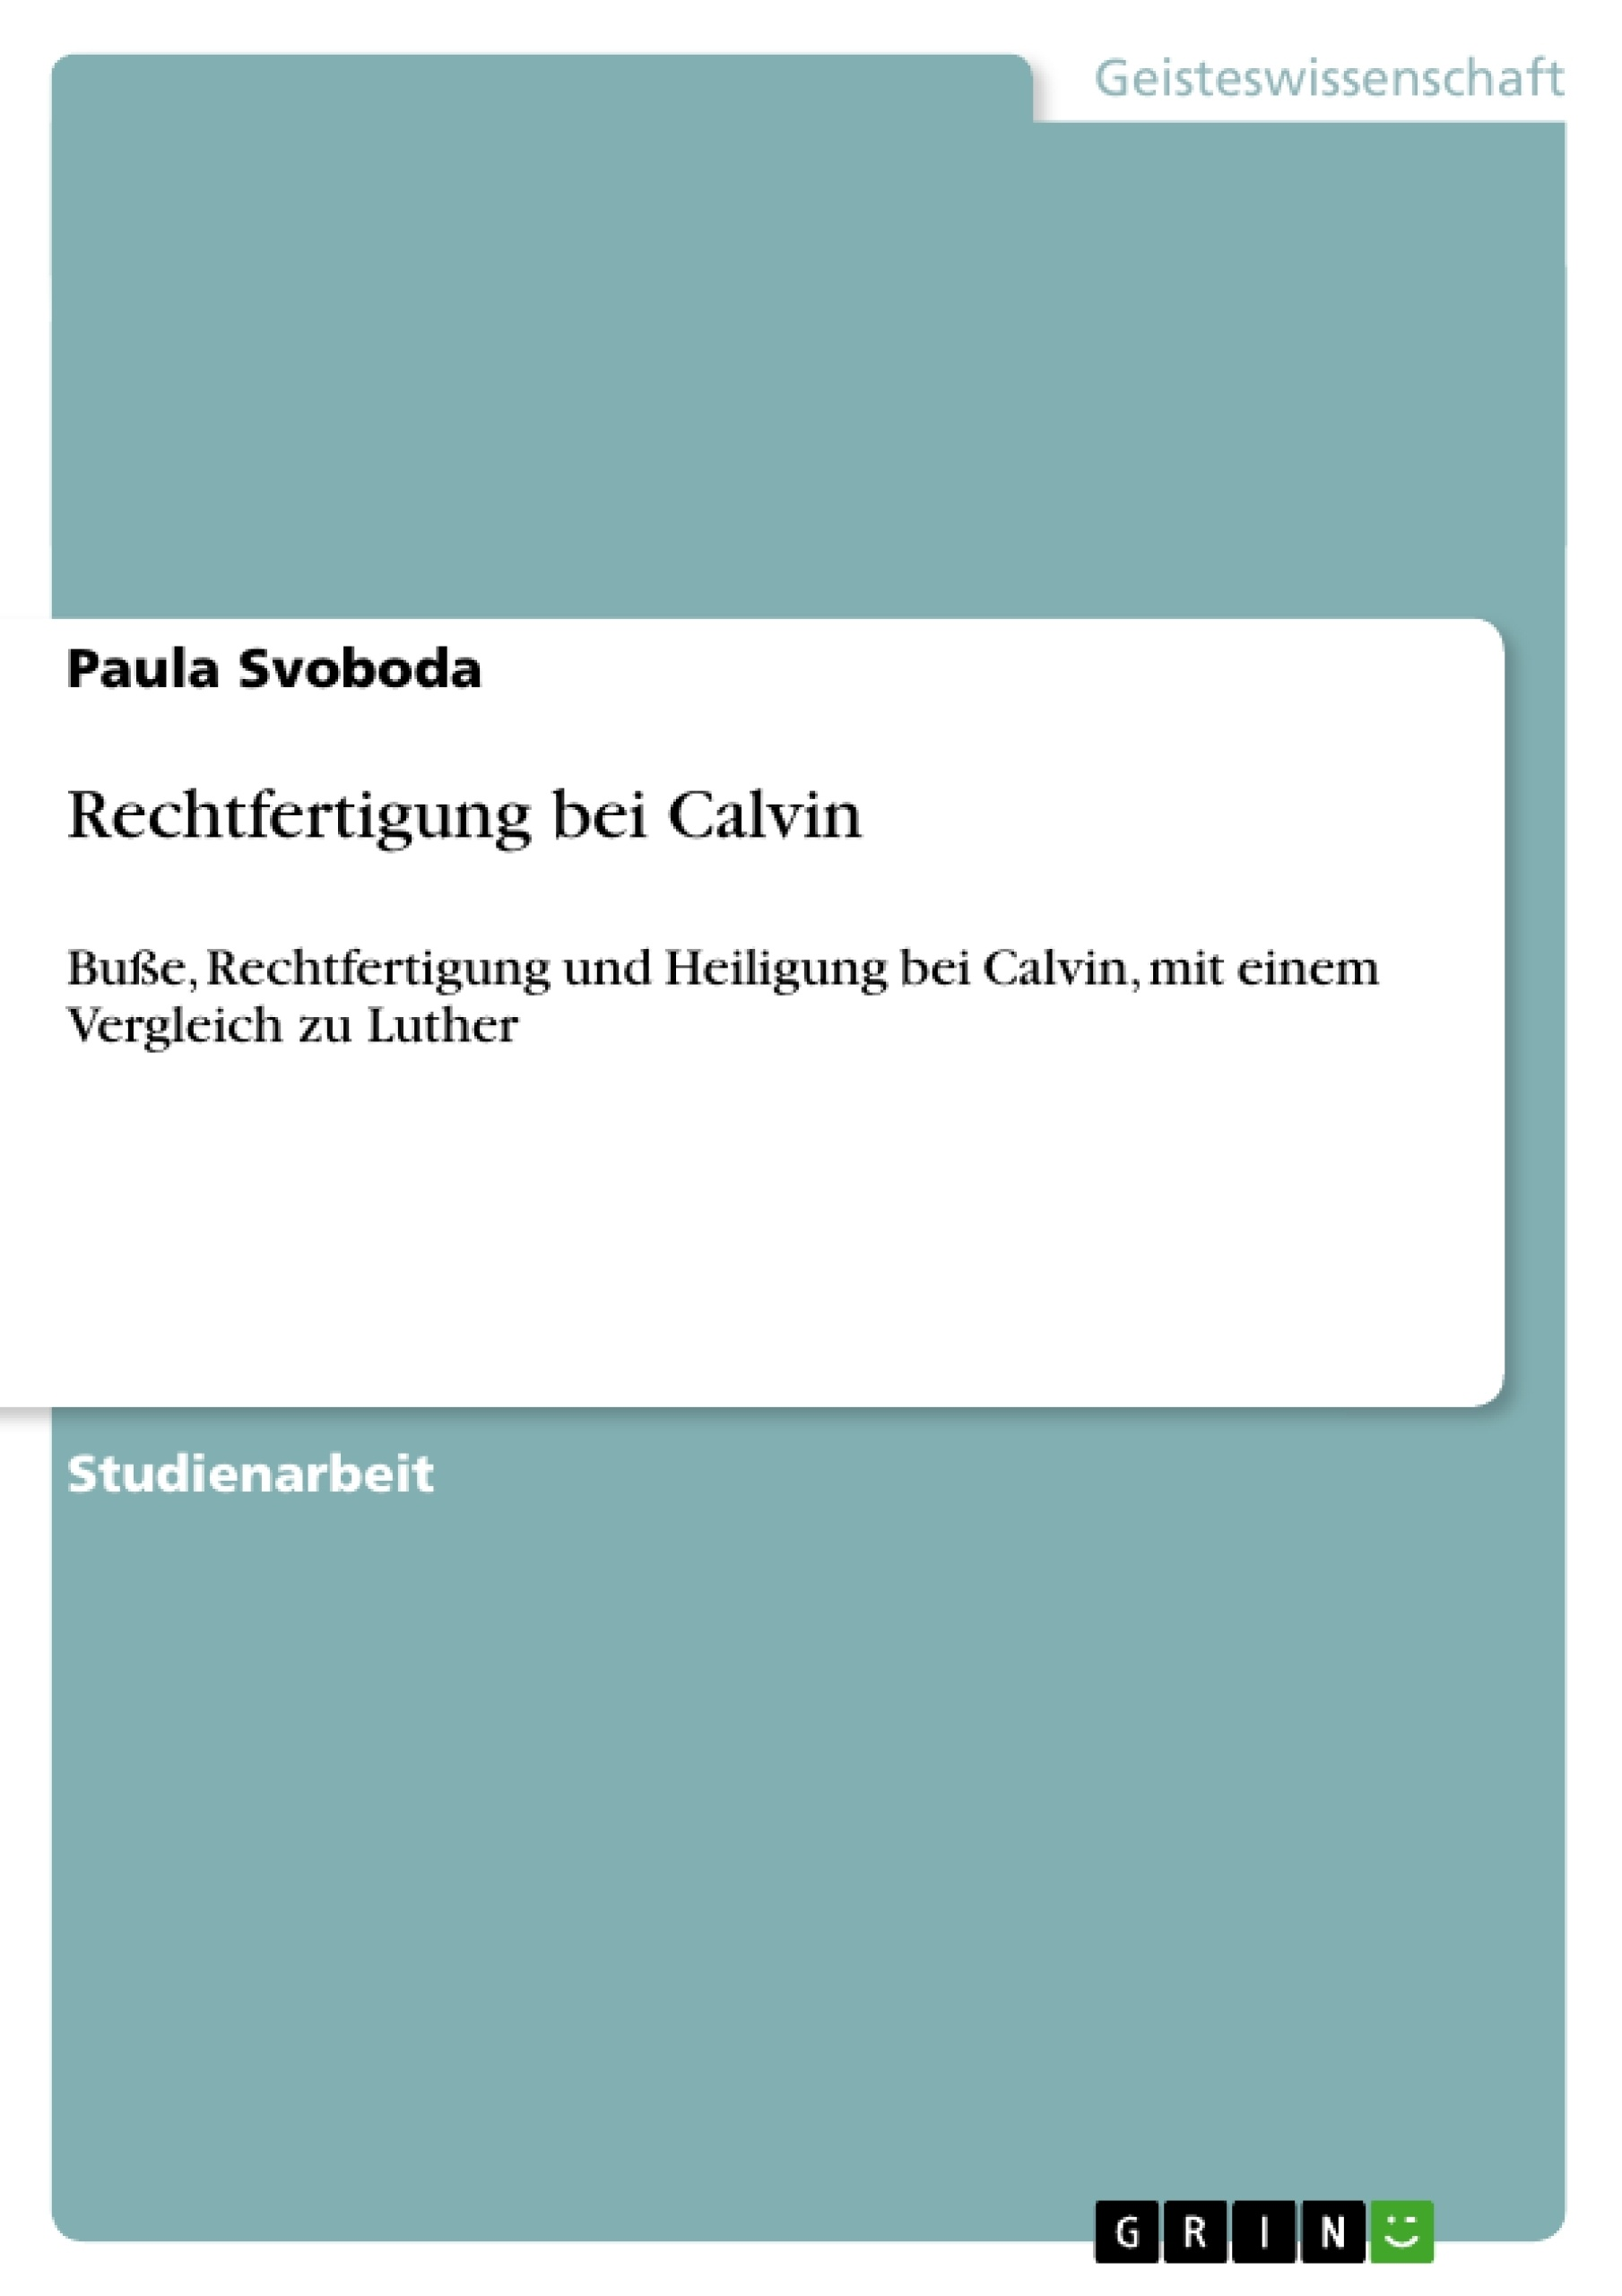 Titel: Rechtfertigung bei Calvin